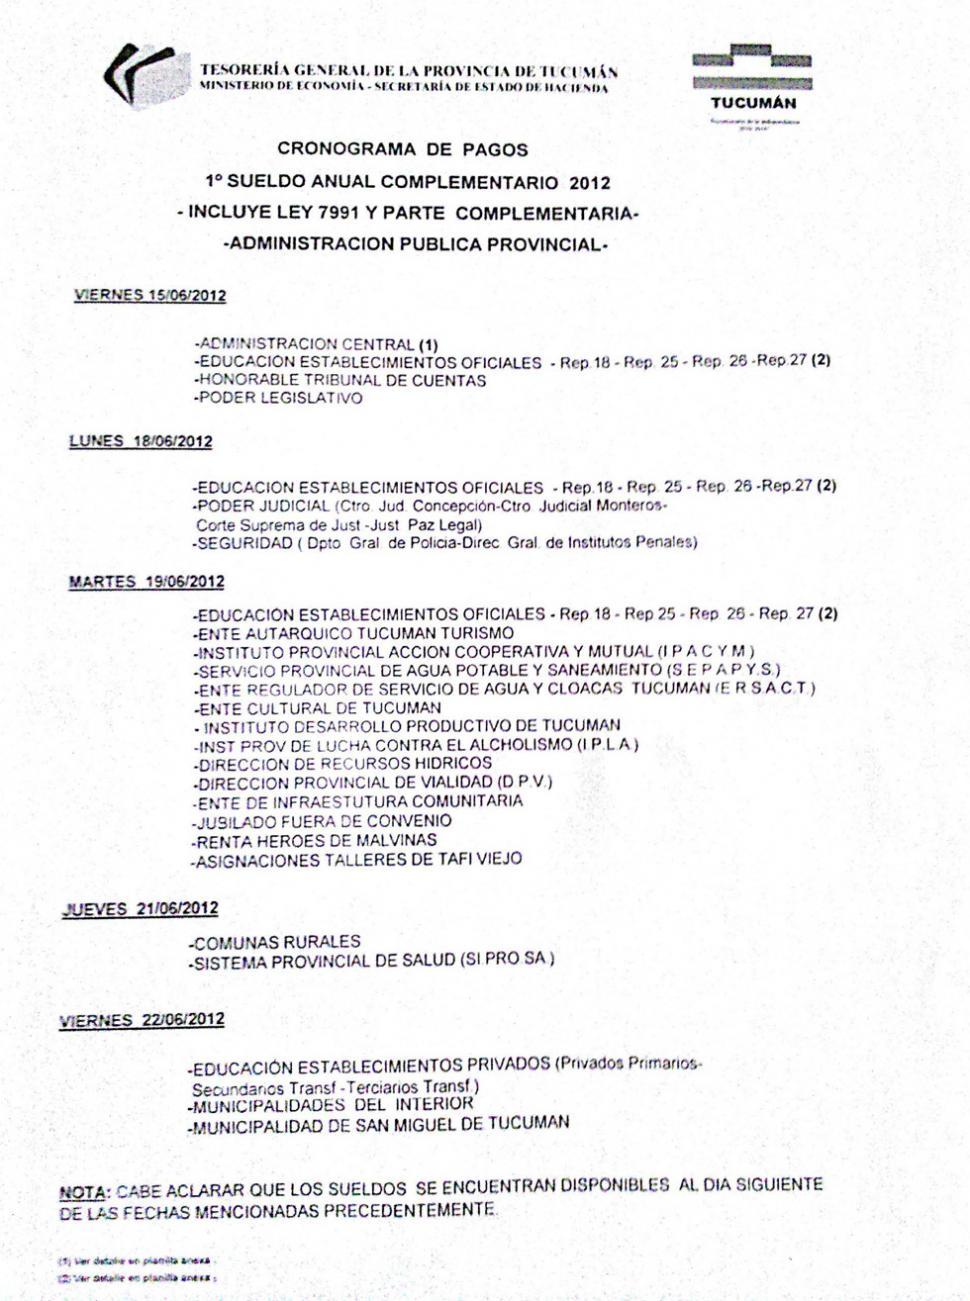 Cronograma de pago del aguinaldo comienza el viernes la for Cronograma de pagos ministerio del interior